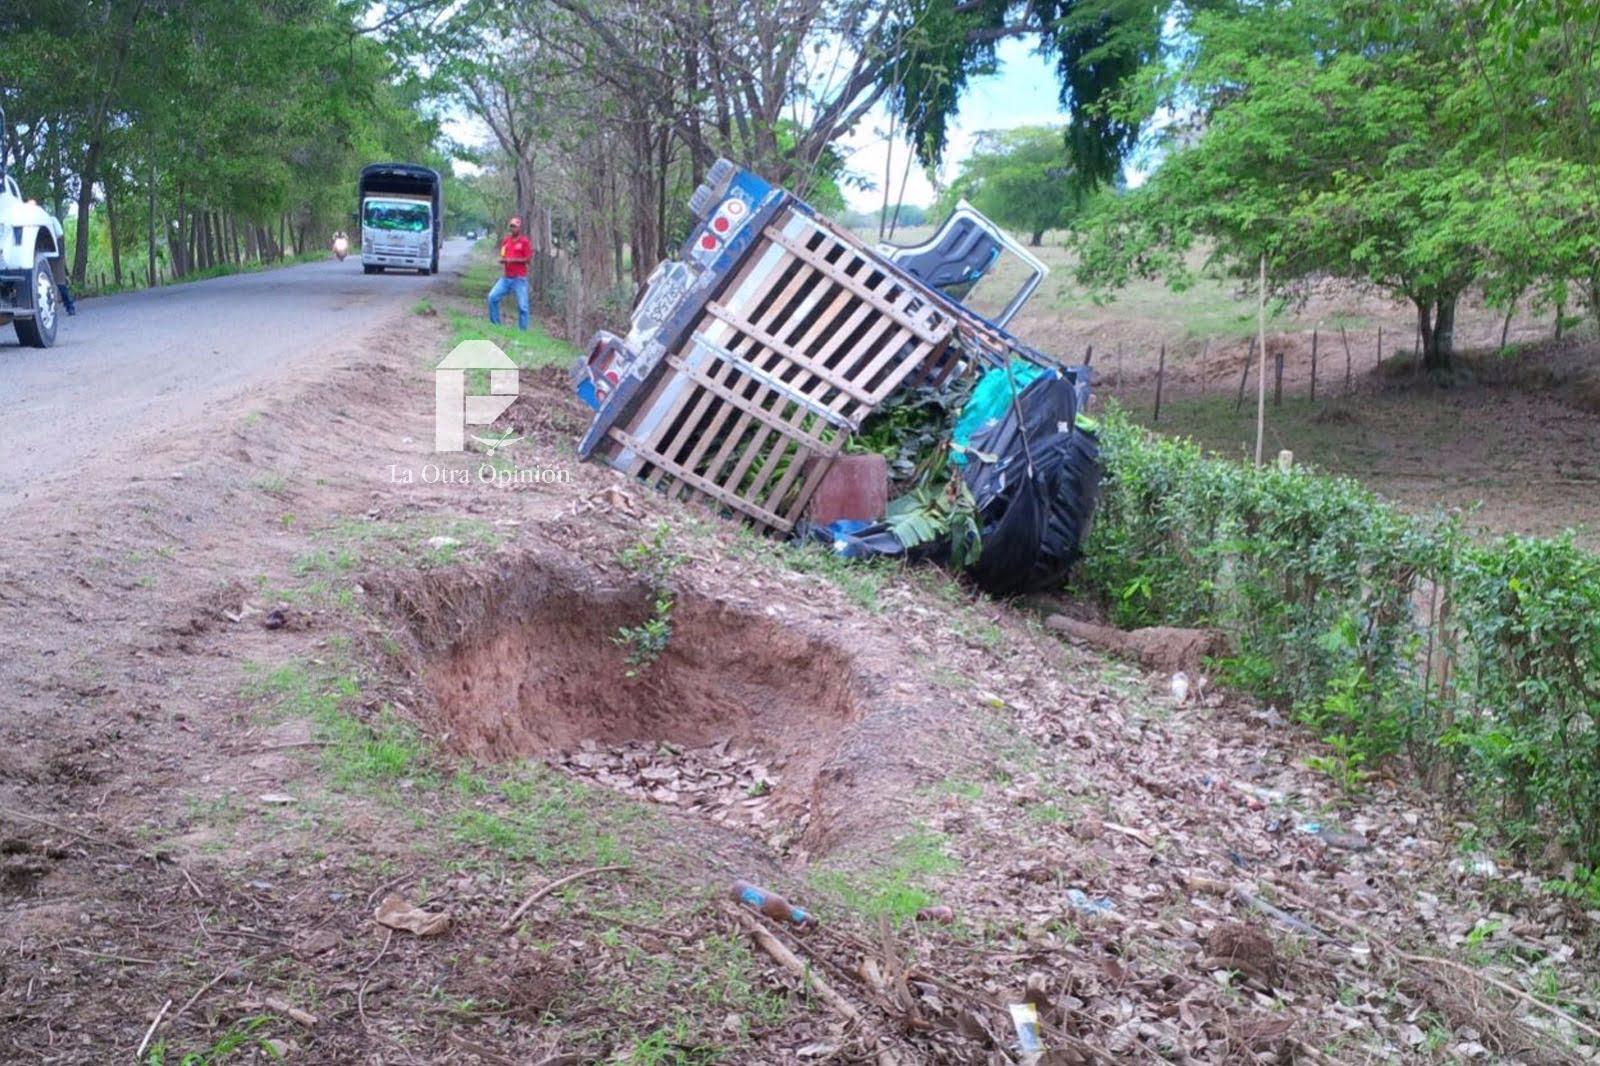 Se accidenta camión en la vía Tierralta-Montería